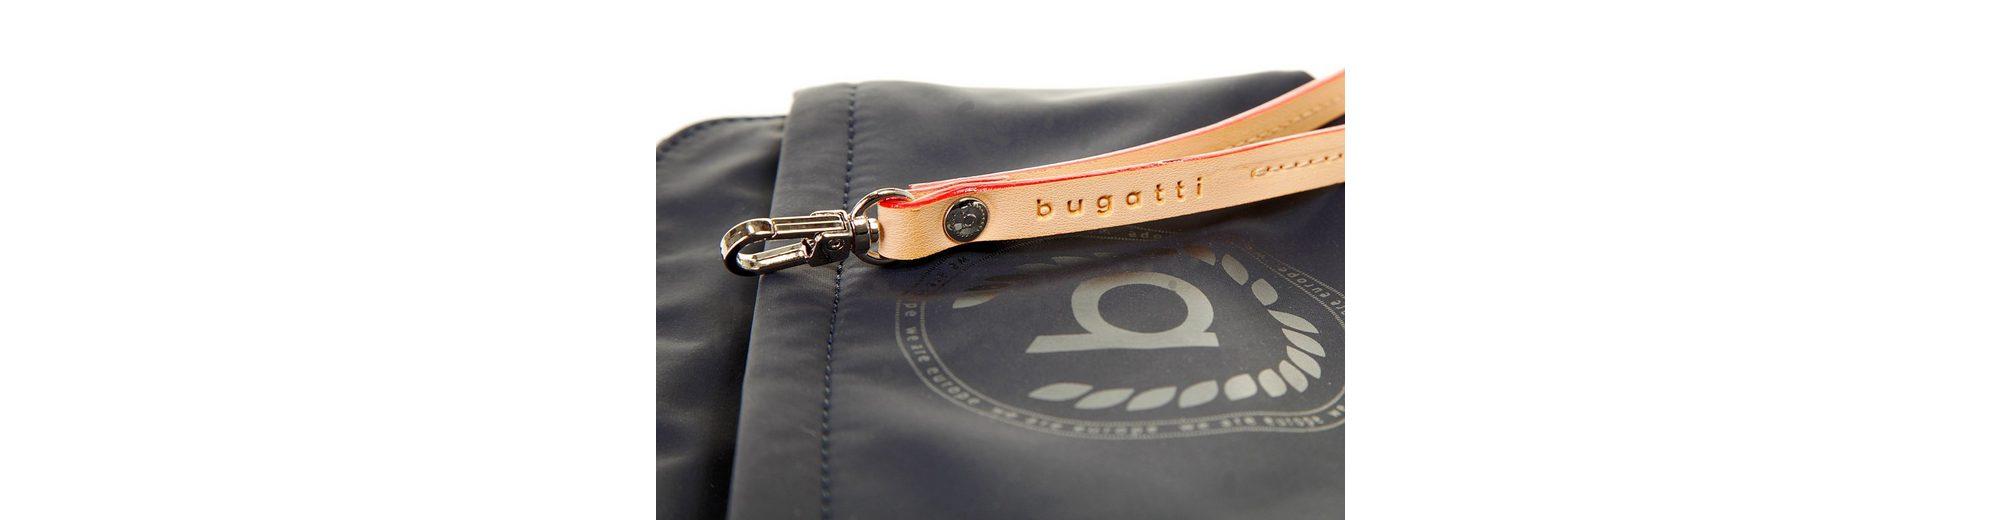 Bugatti Abendtasche LIDO Fabrikverkauf Günstiger Preis C3bOYTjd